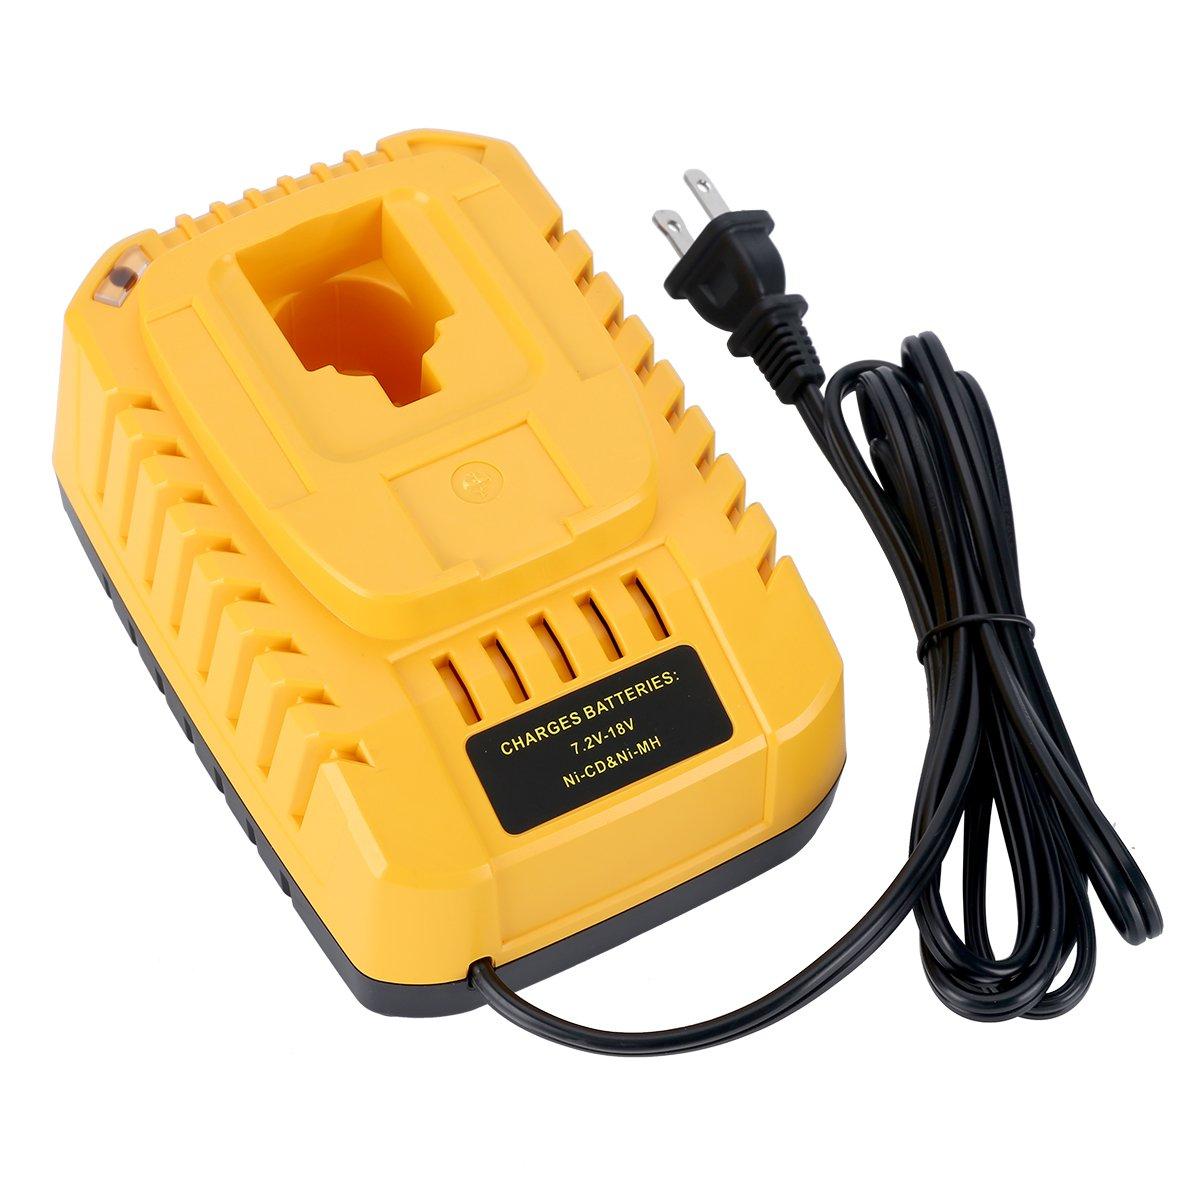 Lasica DC9310 Fast Battery Charger for Dewalt 7.2V-18V XRP NI-CD NI-MH Battery DC9096 DC9098 DC9099 DC9091 DC9071 DE9057 DW9096 DW9094 DW9072